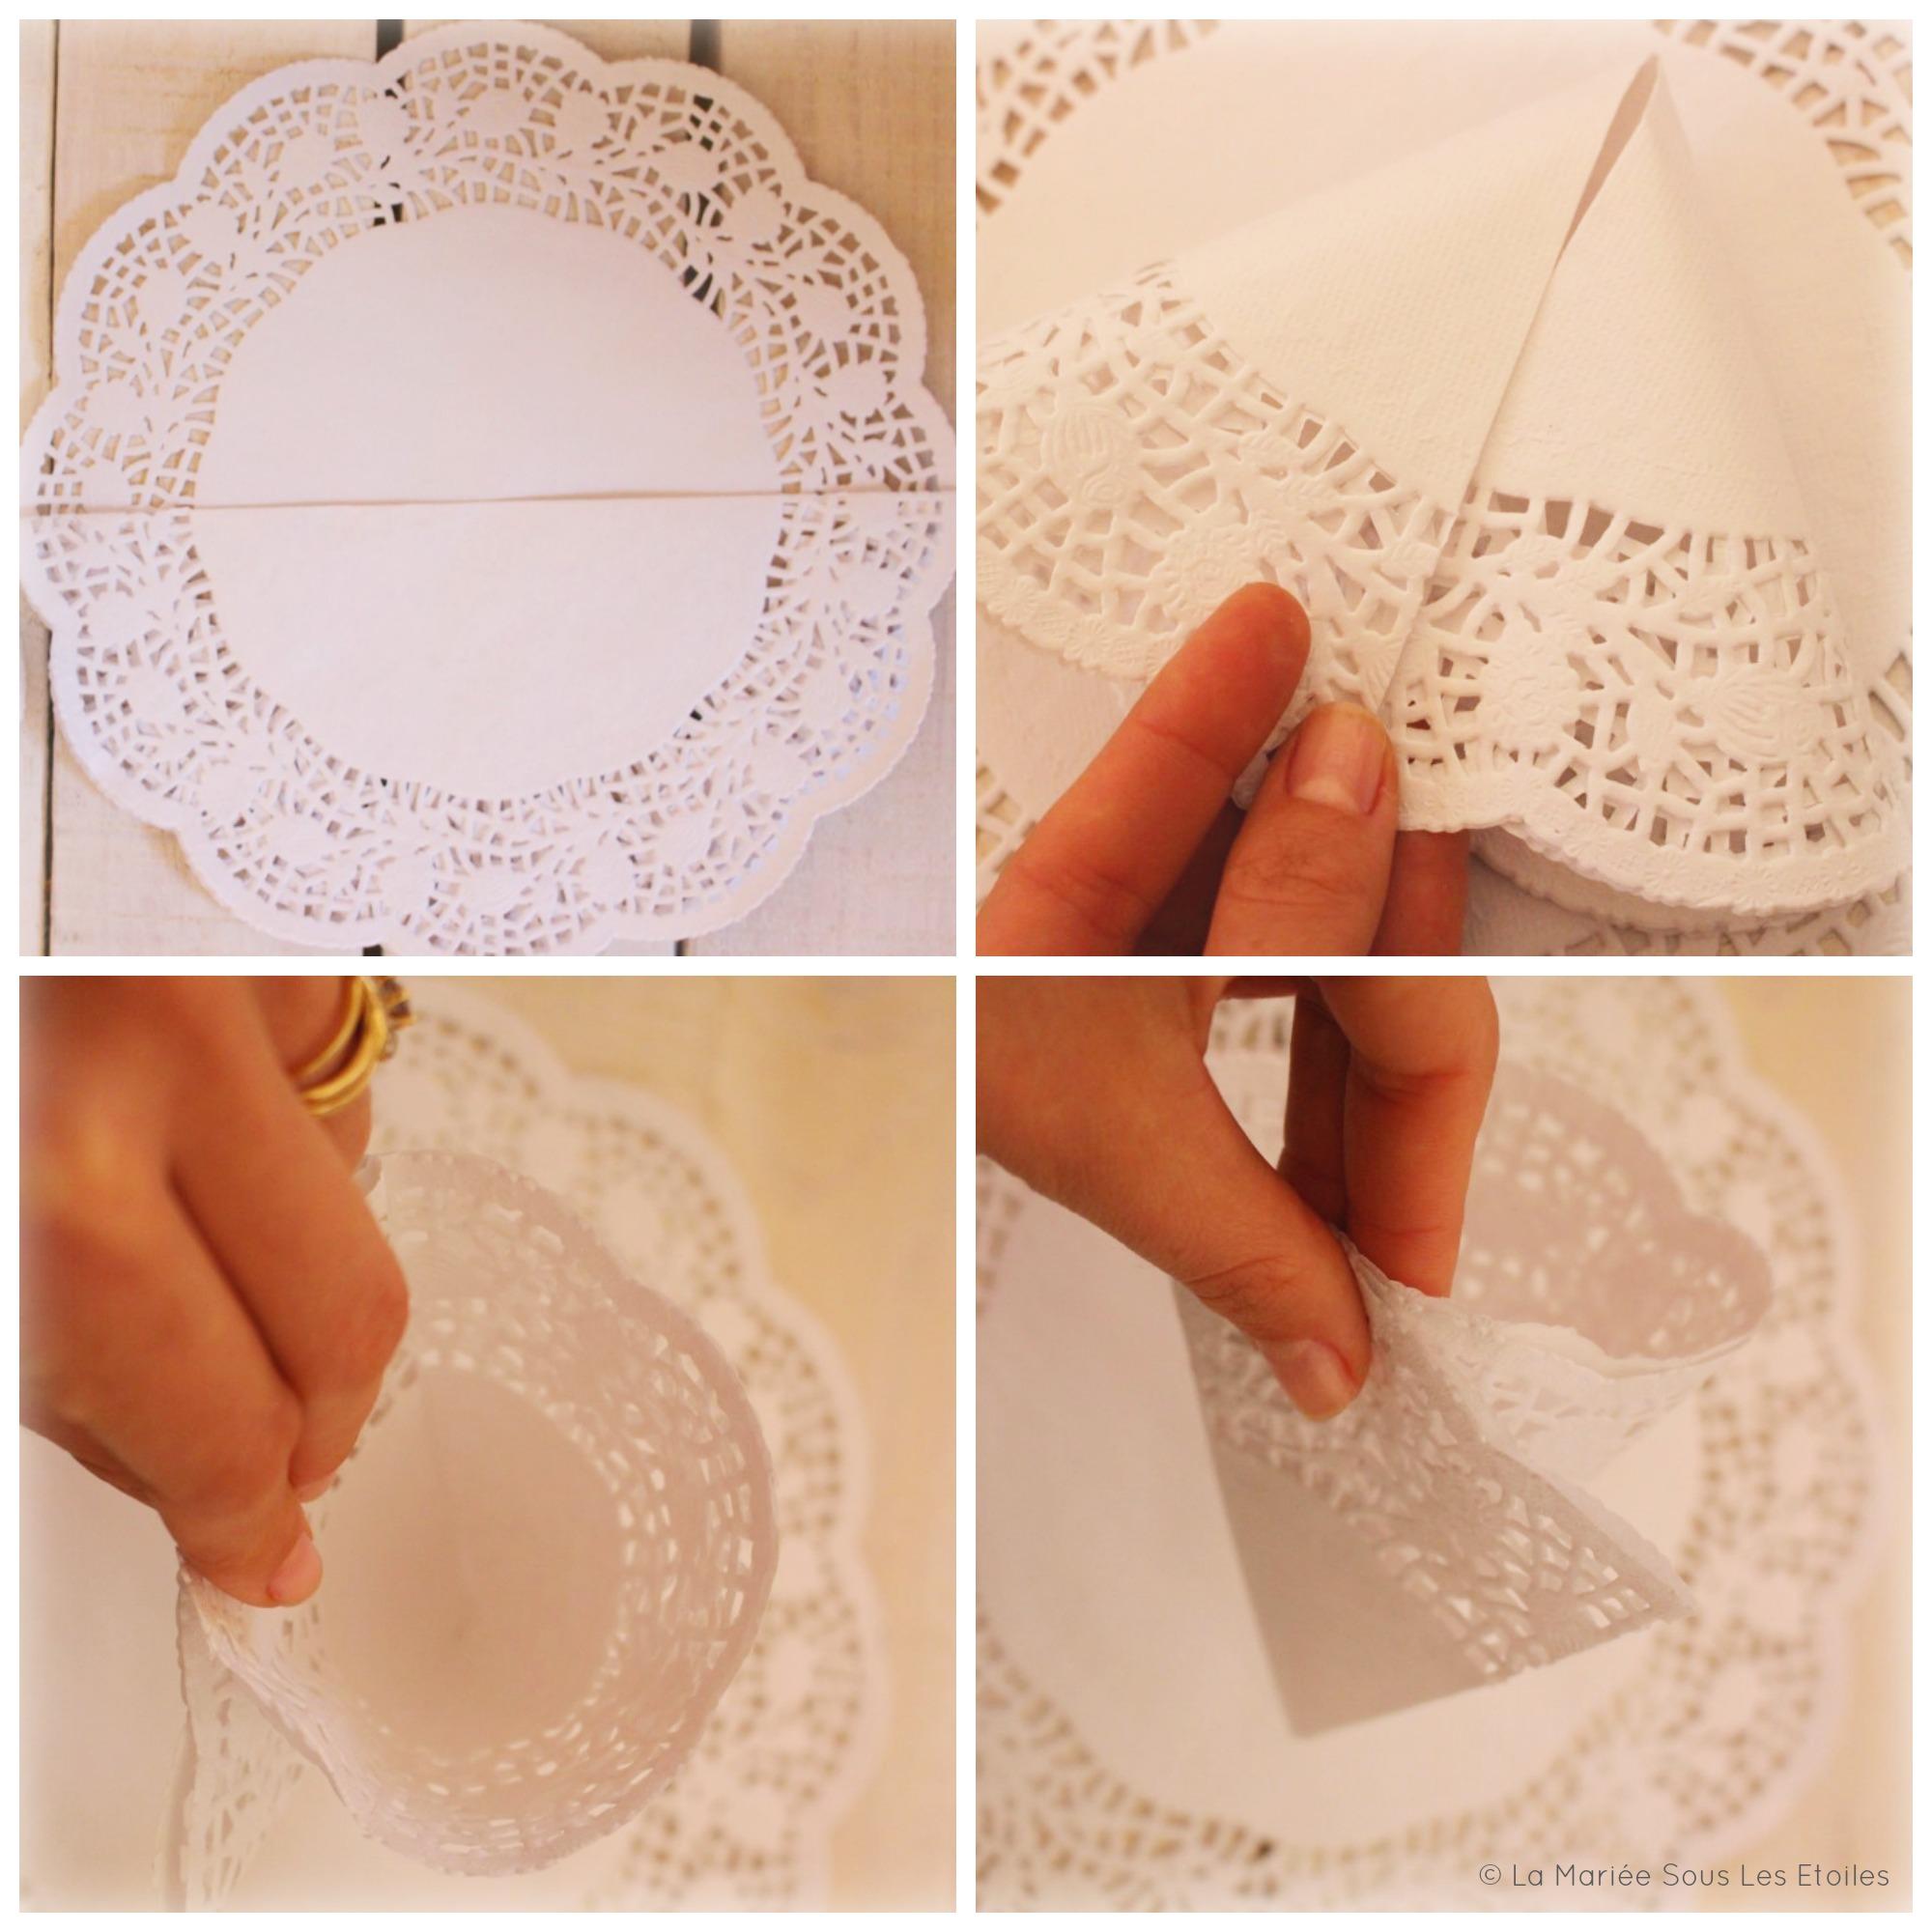 {DIY} Fabriquer des petits cornets en papier dentelle | Etape 2 : Pliage | Tuto Décoration Mariage présenté par La Mariée Sous Les Etoiles